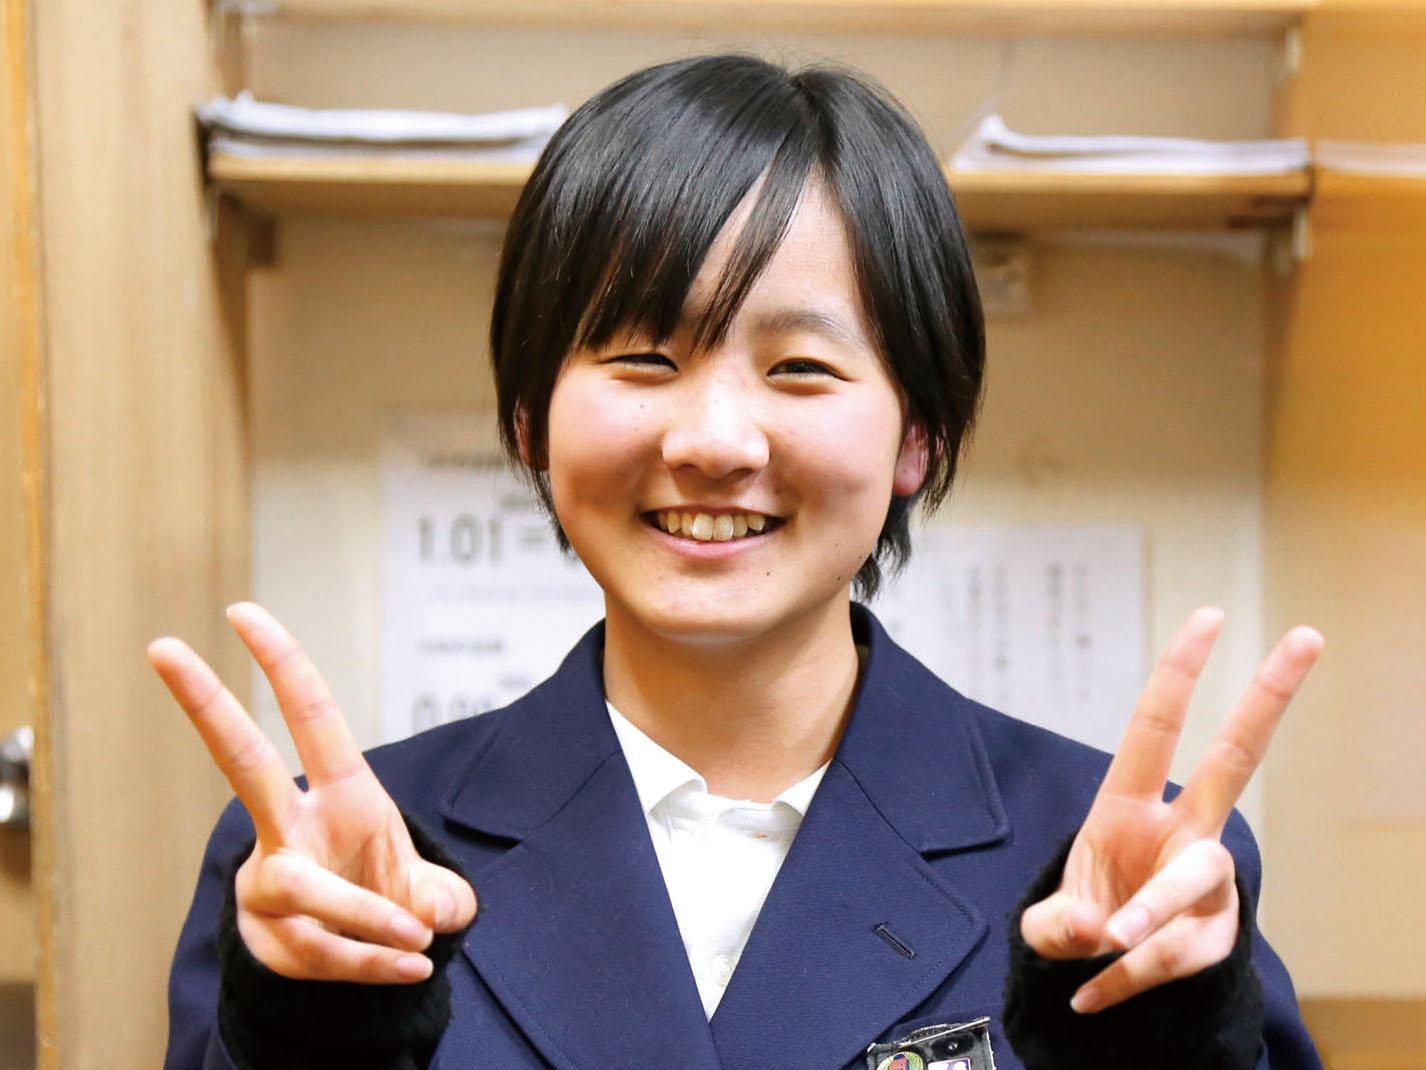 相庭涼花さん